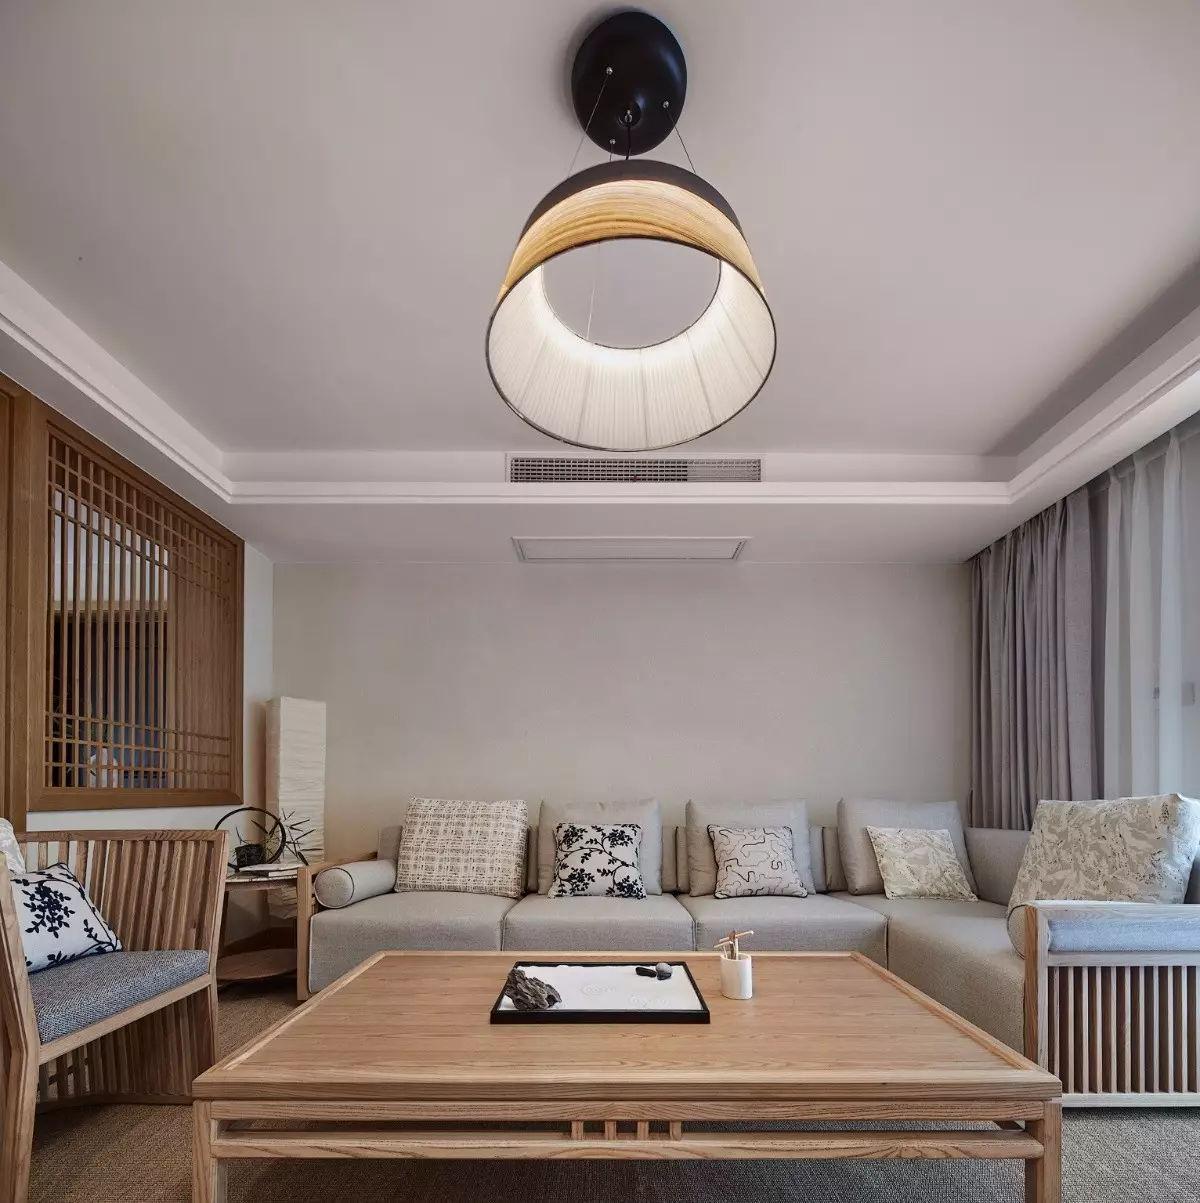 姐夫新装修135㎡日式原木风,电视背景墙居然有隐形门